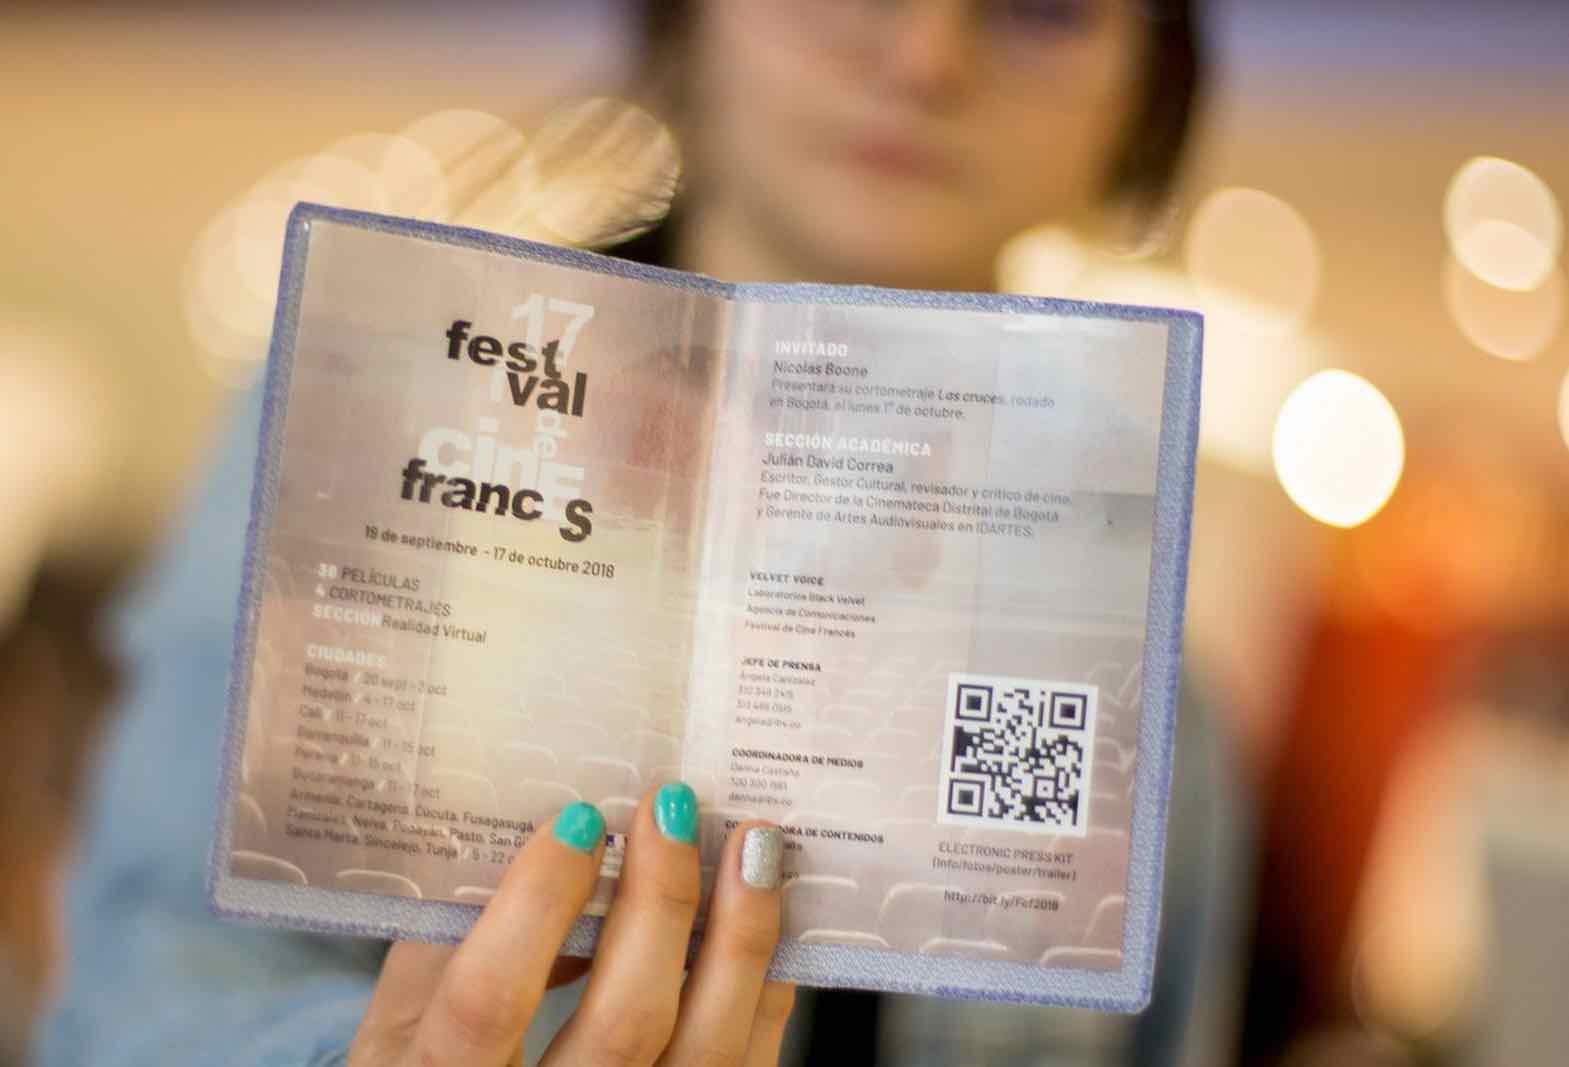 17º Festival de Cine Francés